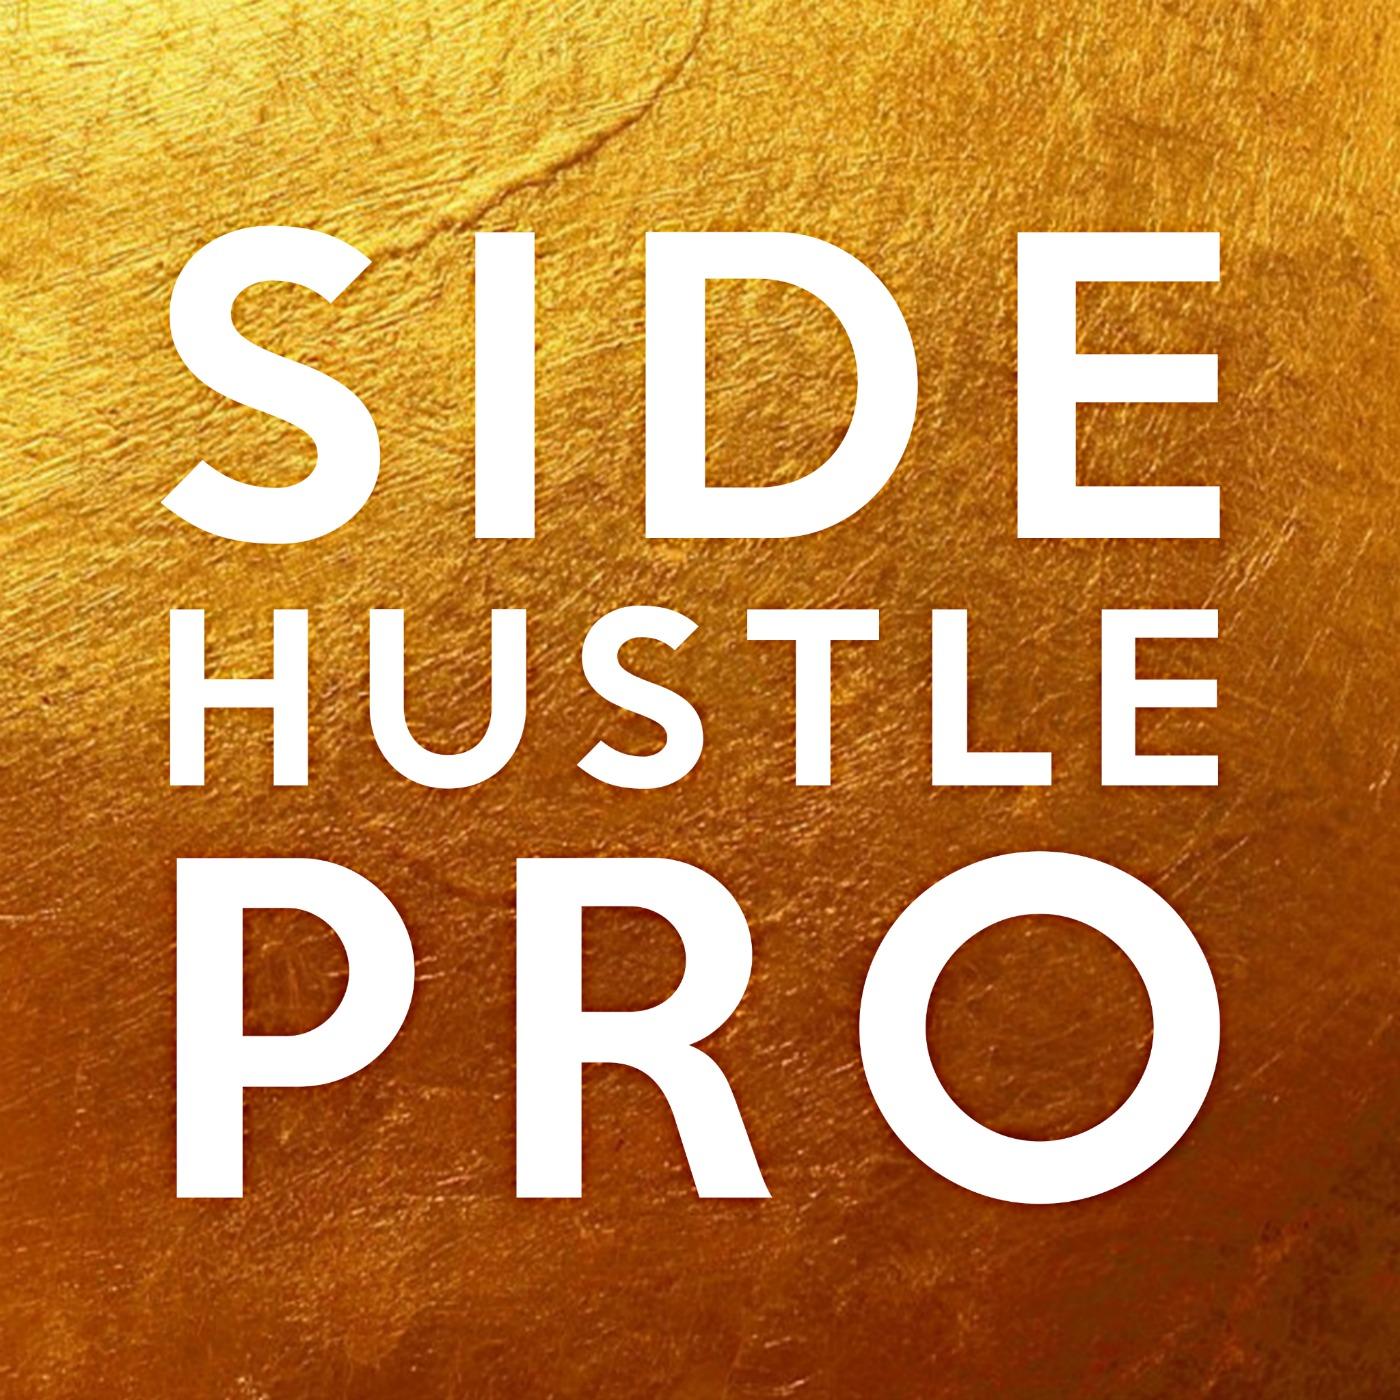 Side_Hustle_Pro_RESIZED.jpg